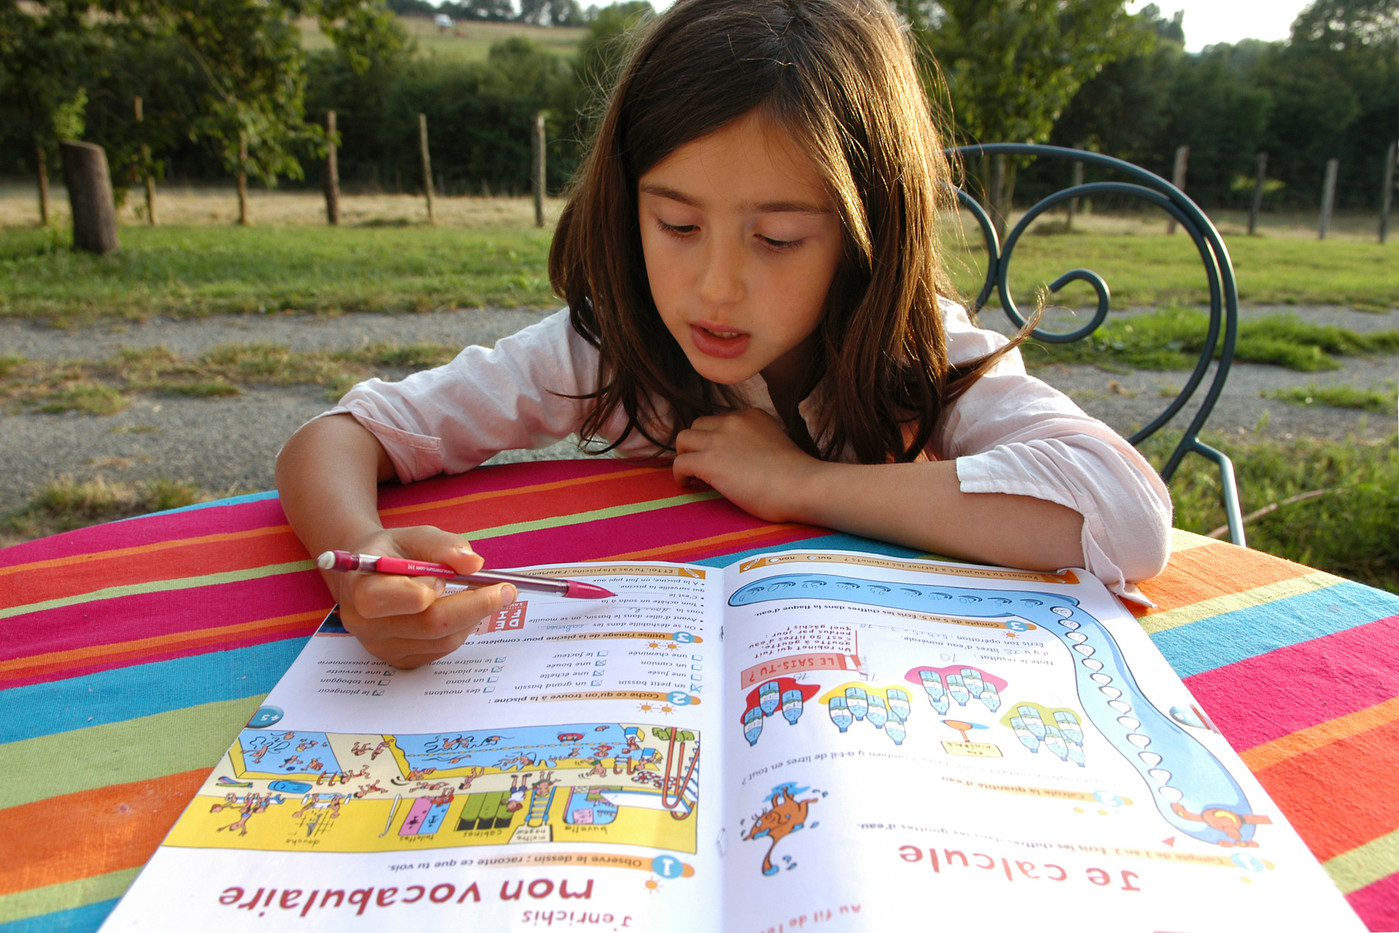 Les Cahiers De Vacances Ont Toujours La Cote Auprès Des Français concernant Cahier De Vacances Maternelle Pdf